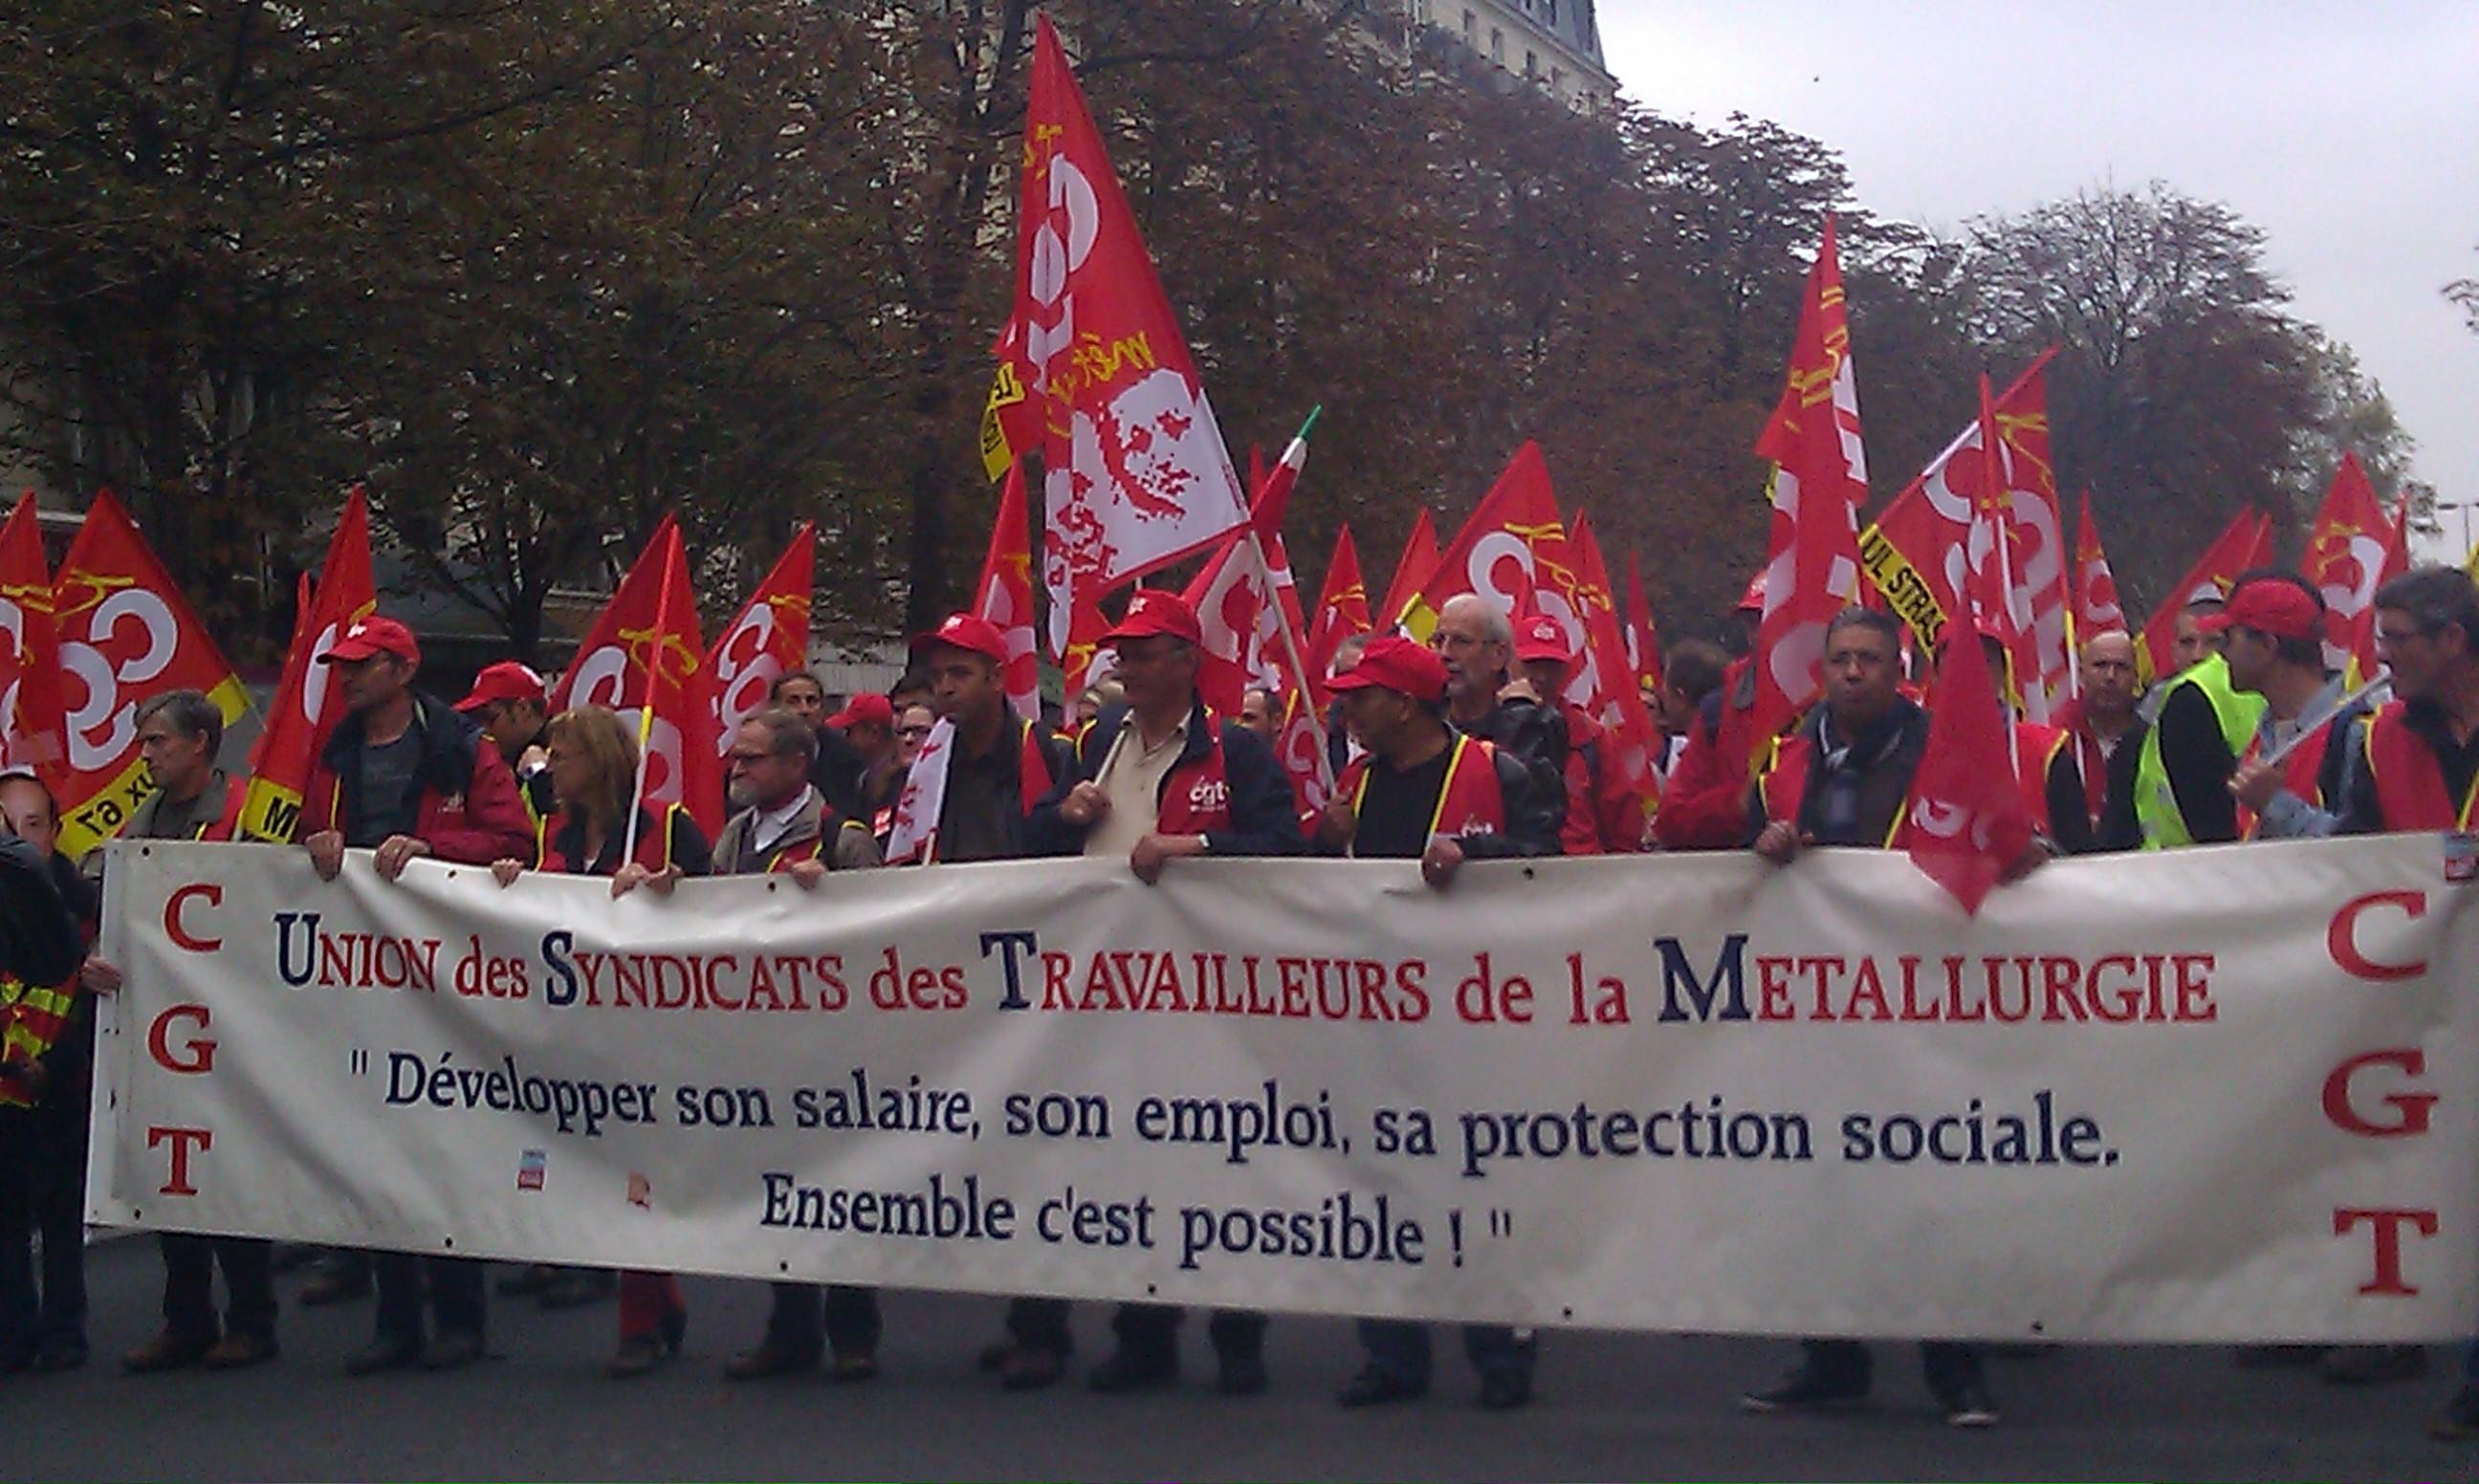 Développer son salaire, son emploi, sa protection sociale, c'est possible!, CGT Métallurgie []